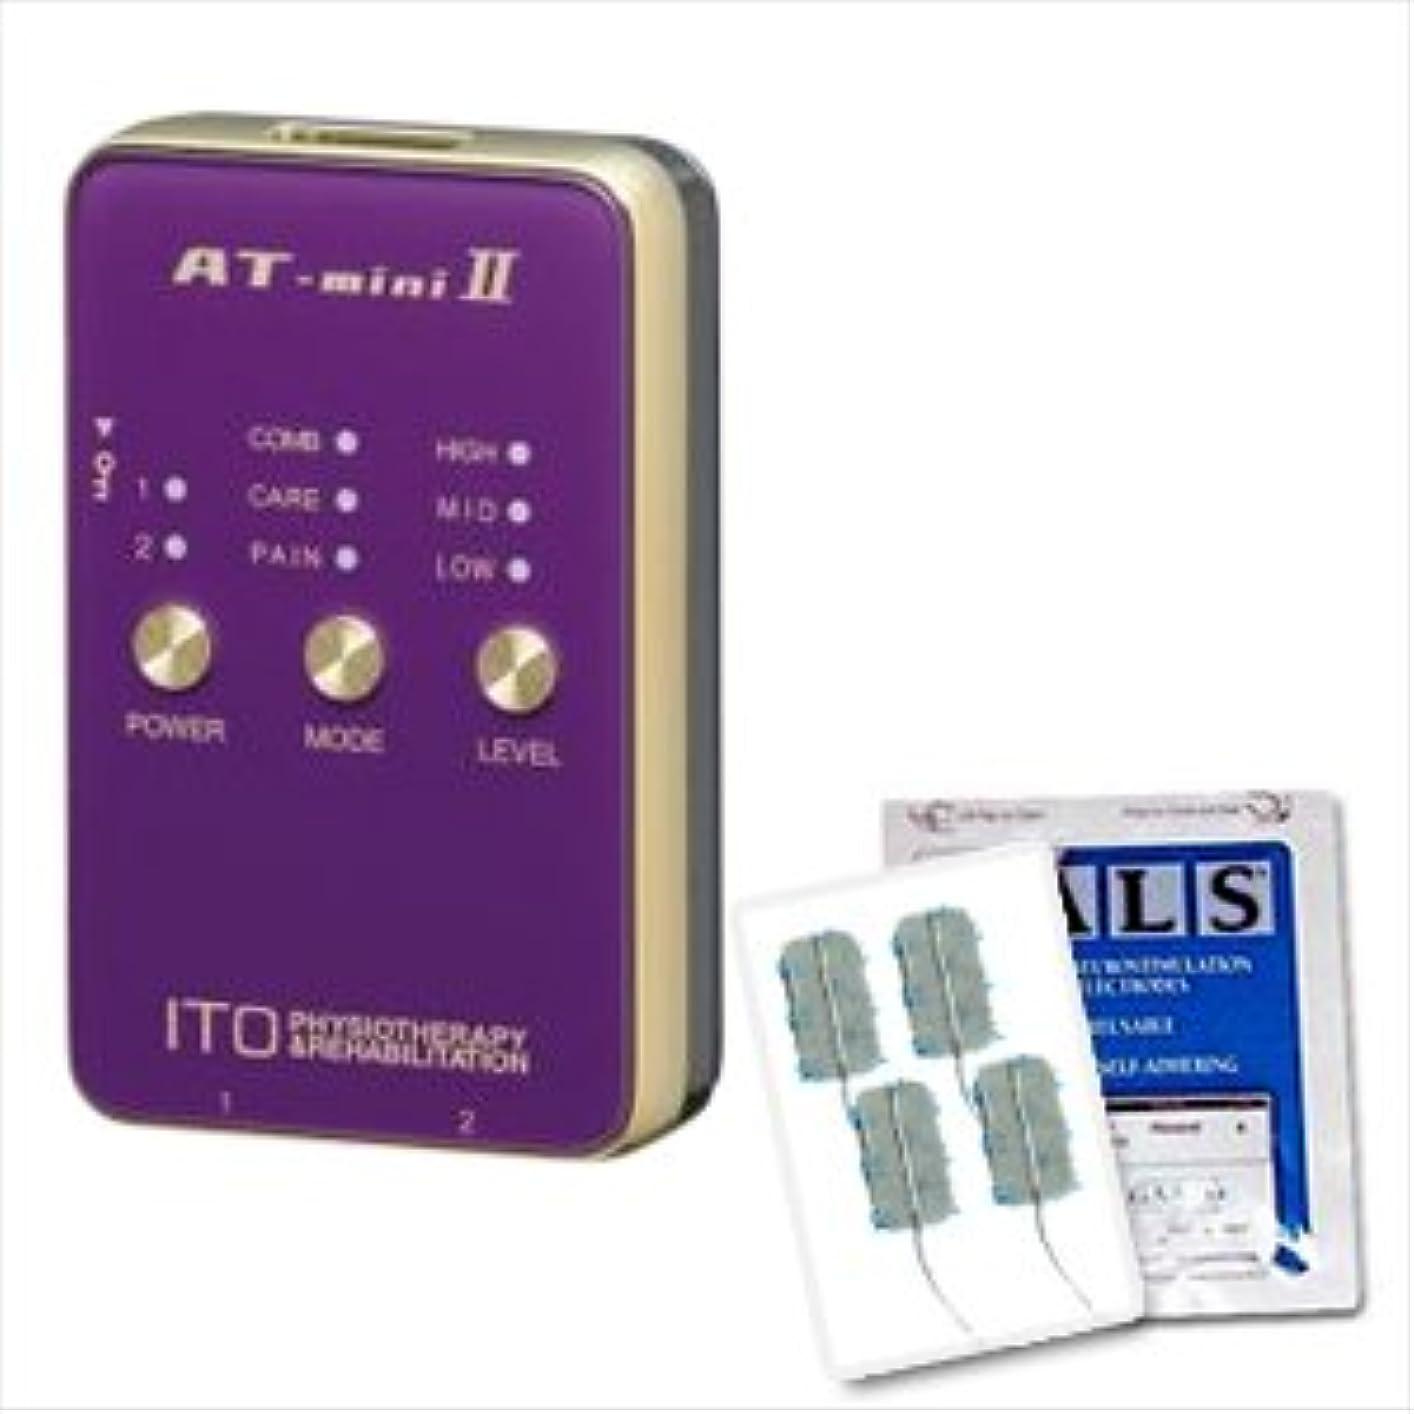 ライナー熱心愛人低周波治療器 AT-mini II パープル +アクセルガードLサイズ(5x9cm:1袋4枚入)セット